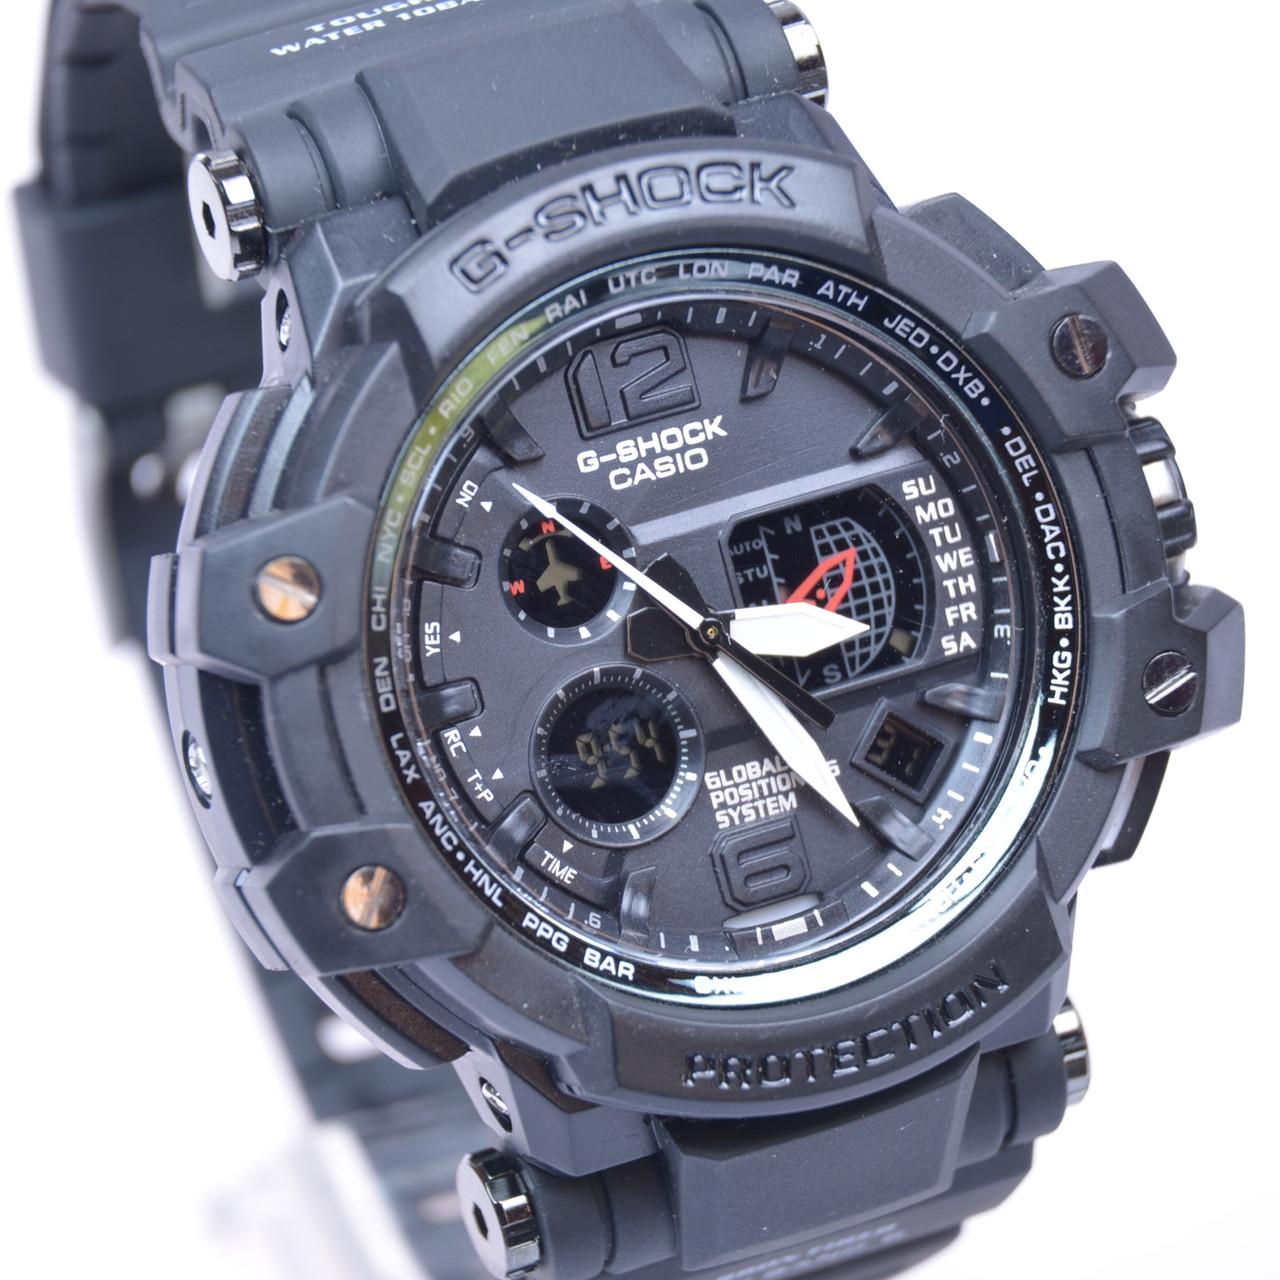 Мужские наручные часы Casio G-SHOCK  GW-A1100 (копия)